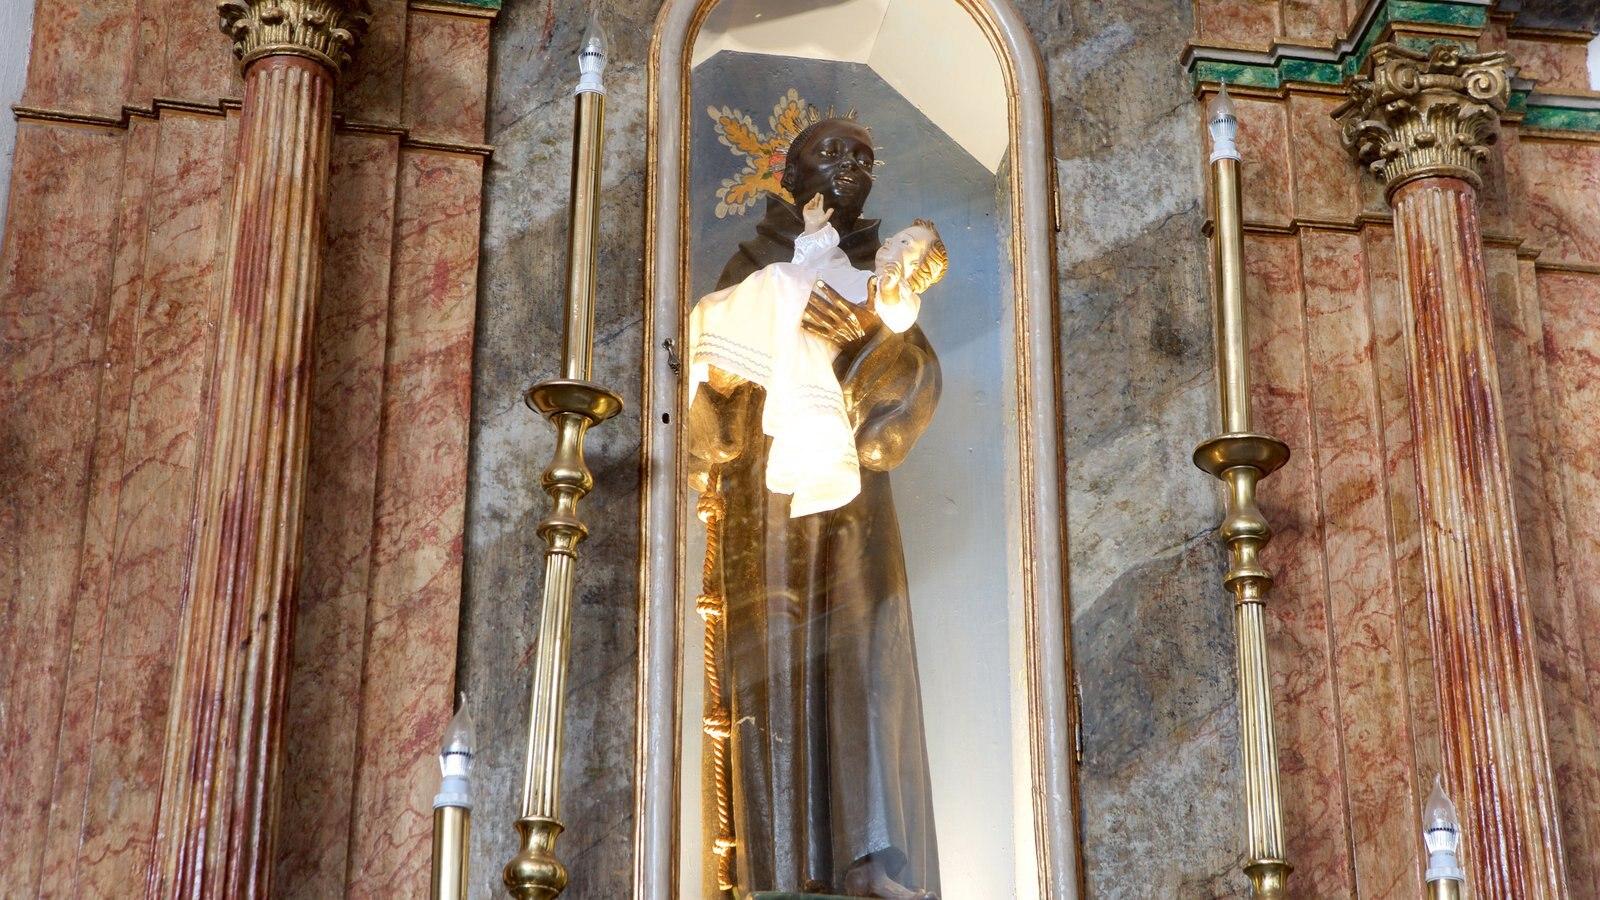 Nossa Senhora do Rosário dos Pretos mostrando uma estátua ou escultura, uma igreja ou catedral e elementos de patrimônio